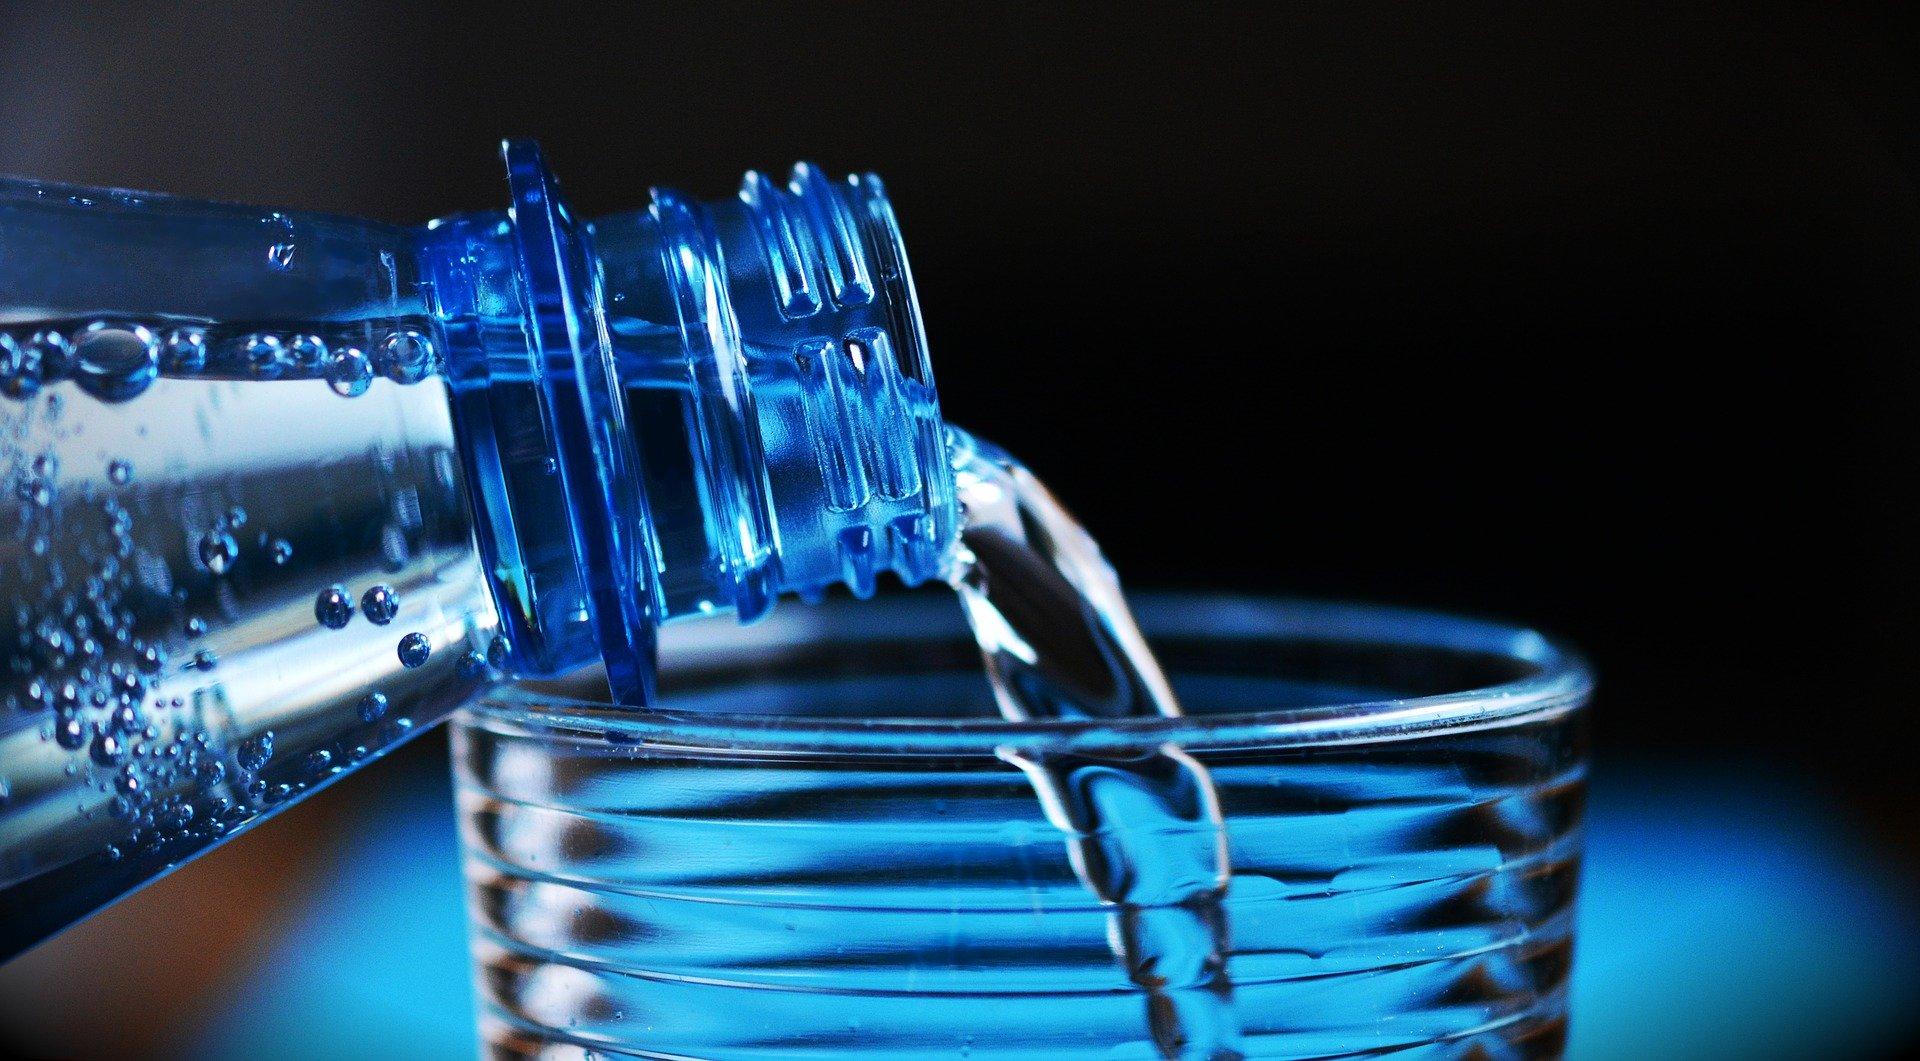 【これで解決!】中国人がお湯ばかり飲む理由を3つに分けて解説!